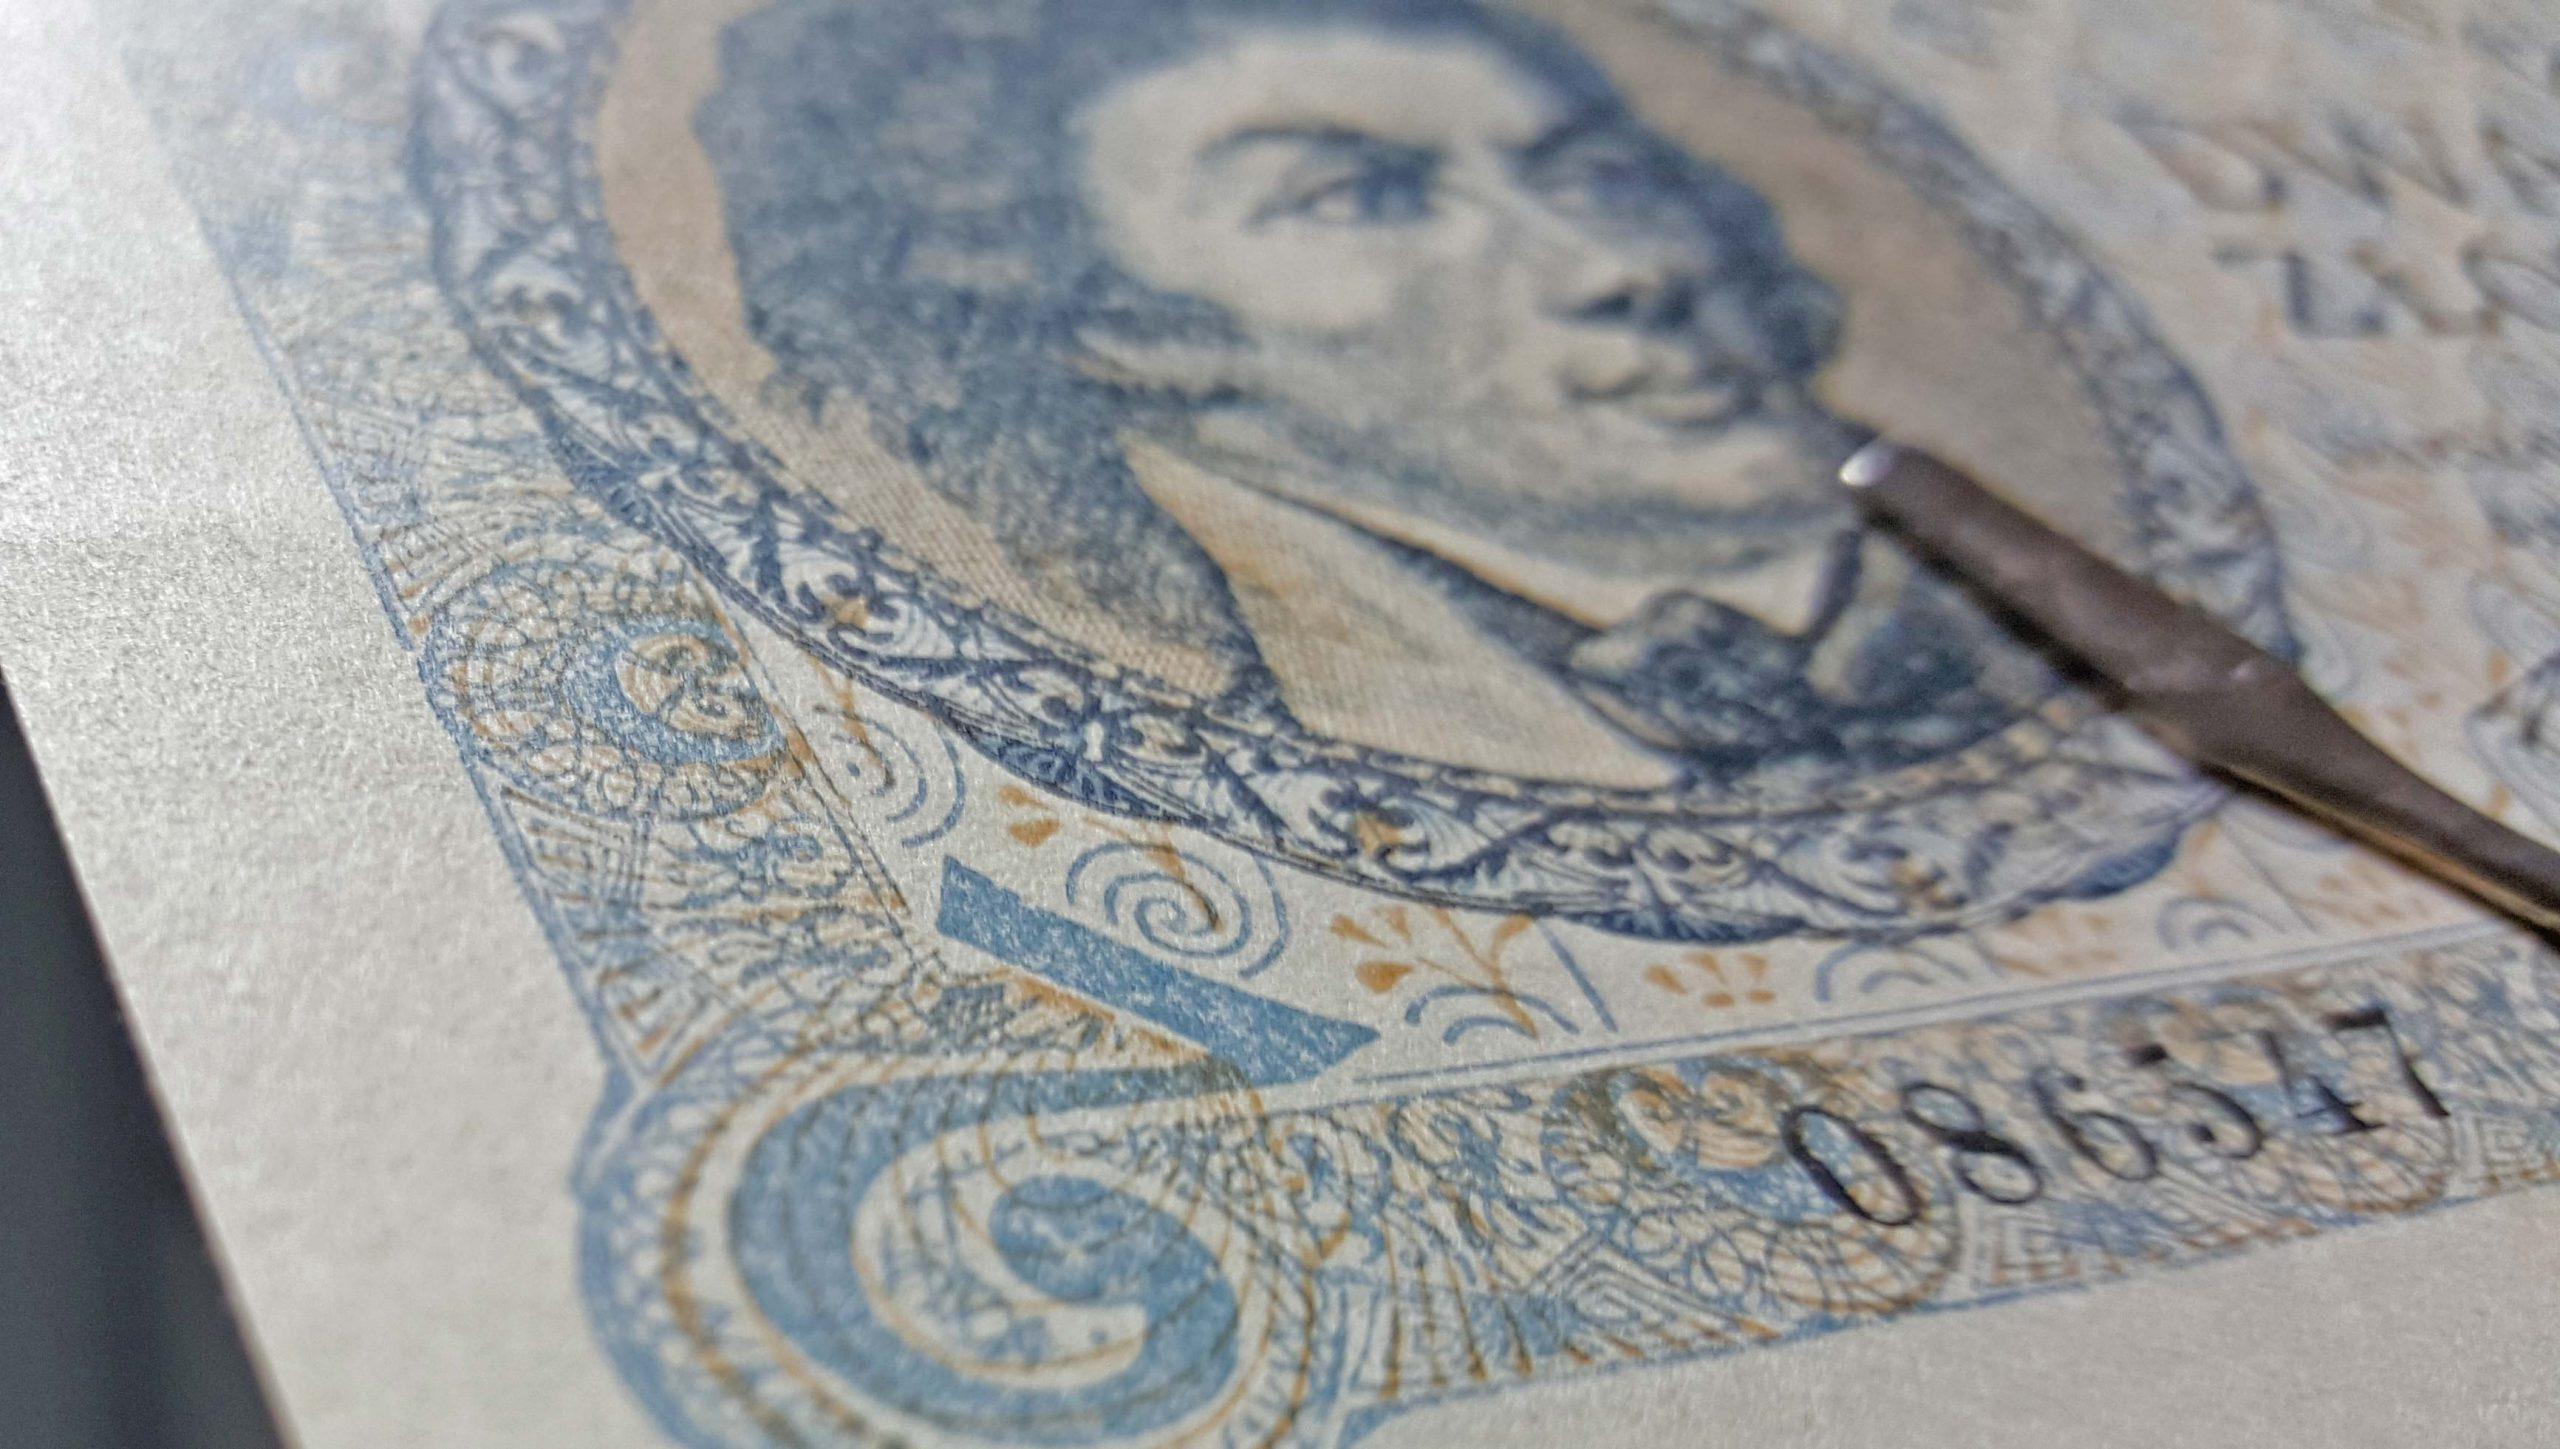 Ocena stanu zachowania banknotu